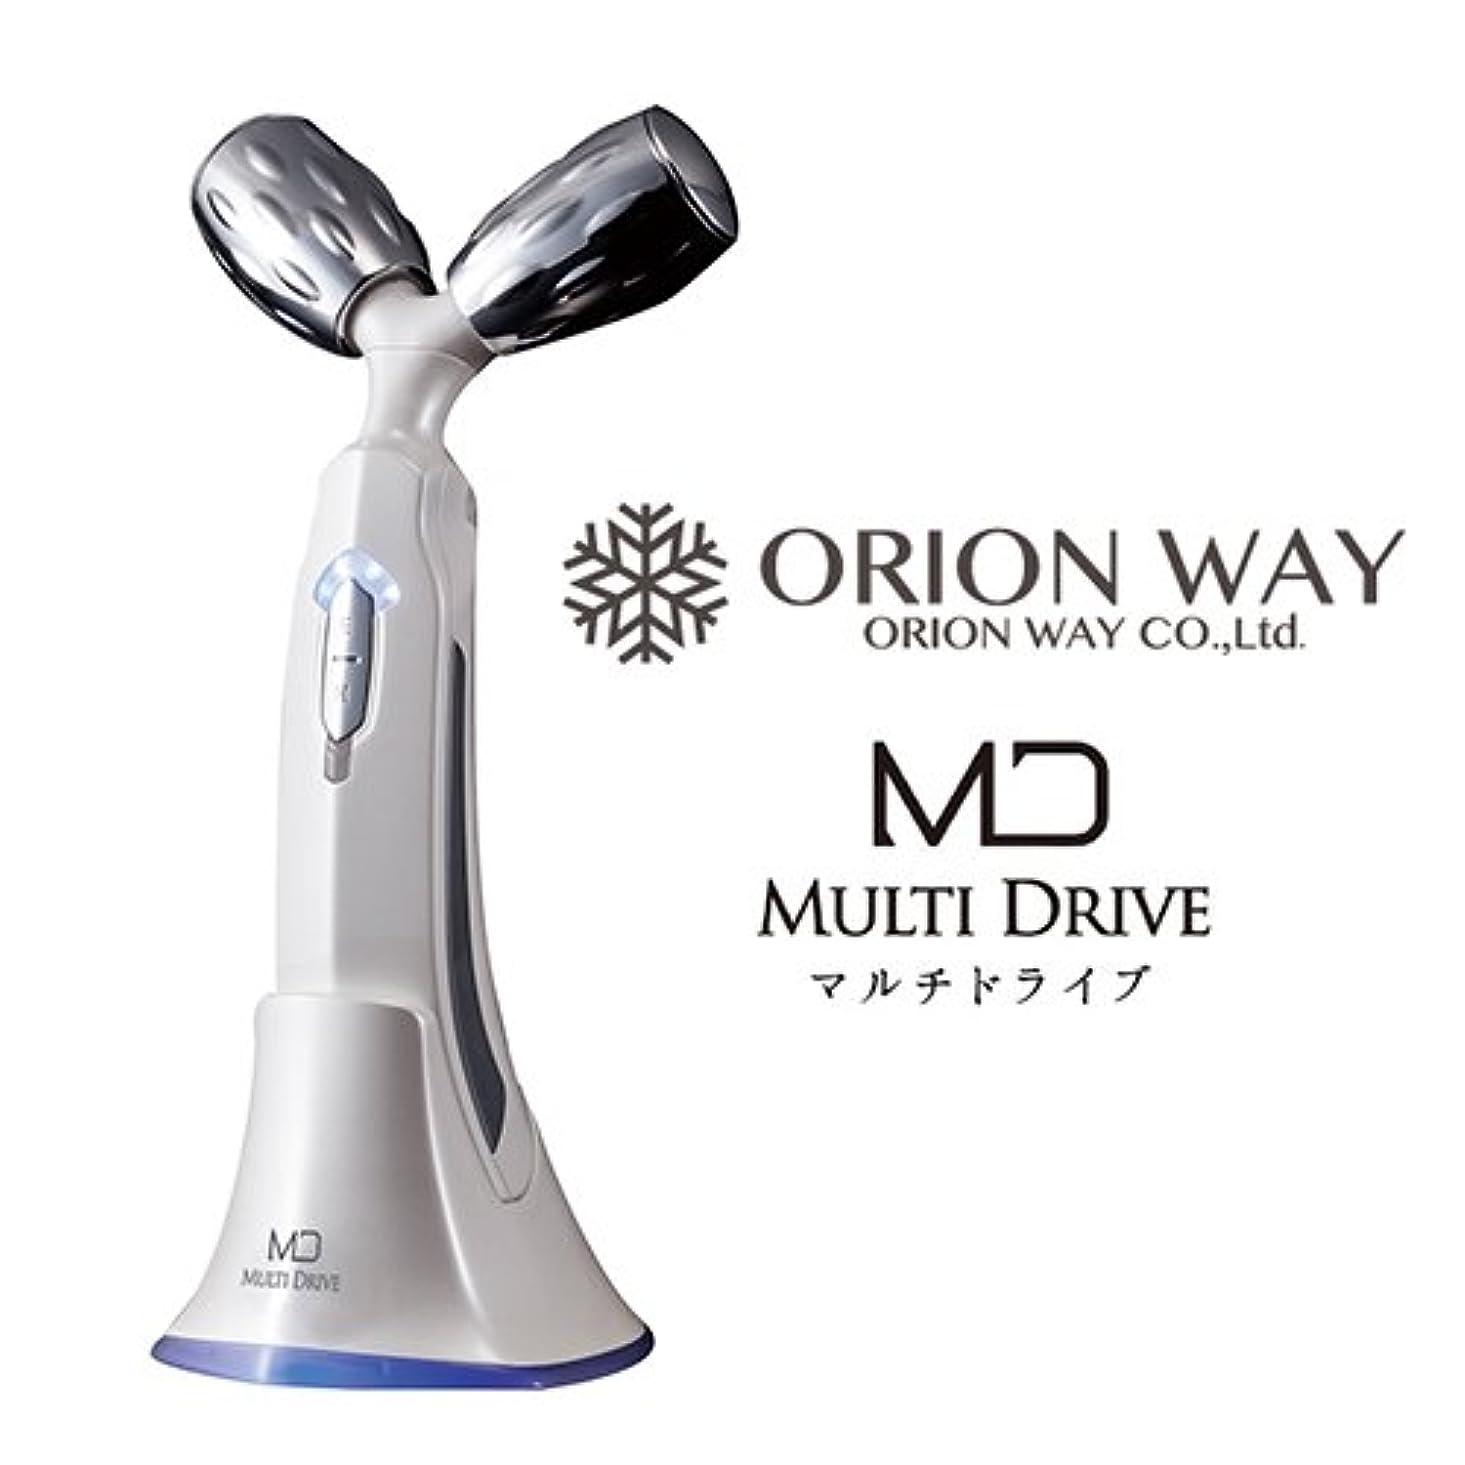 コメント読みやすさ大混乱美容機器 MULTI DRIVE (マルチドライブ)